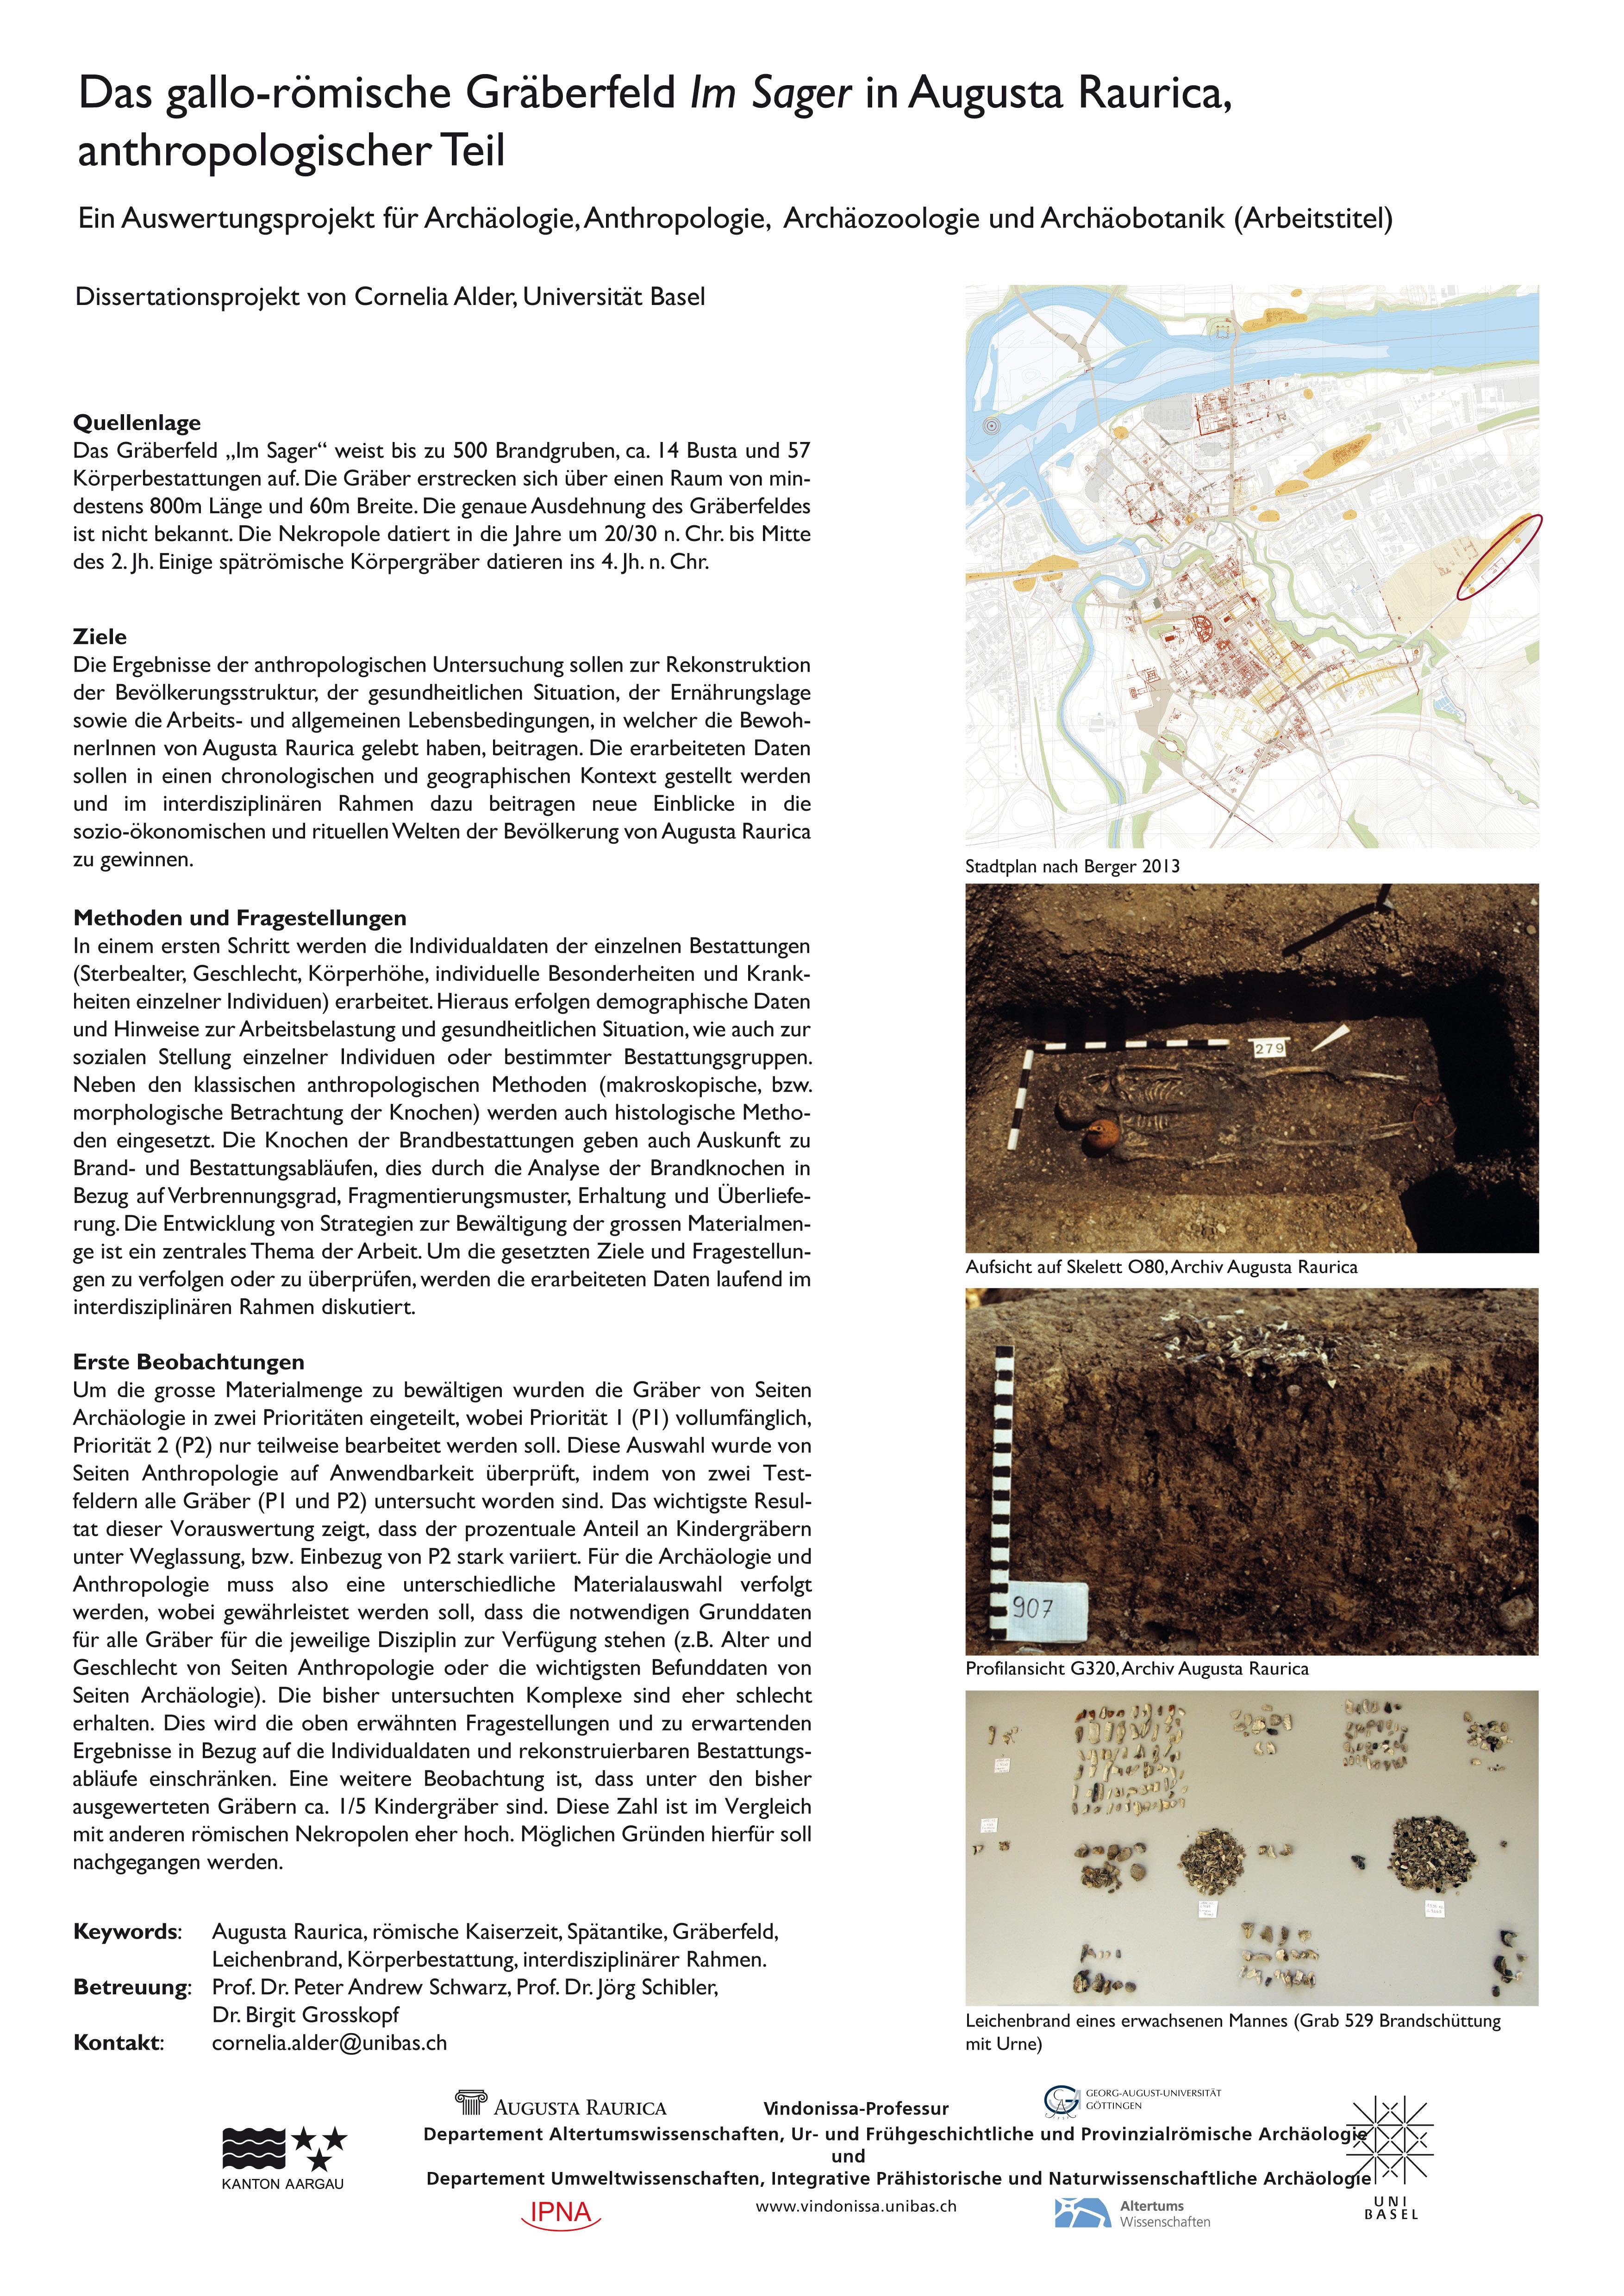 Cornelia ALDER: Das gallo-römische Gräberfeld Im Sager in Augusta Raurica, anthropologischer Teil. Ein Auswertungsprojekt für Archäologie, Anthropologie, Archäozoologie und Archäobotanik.